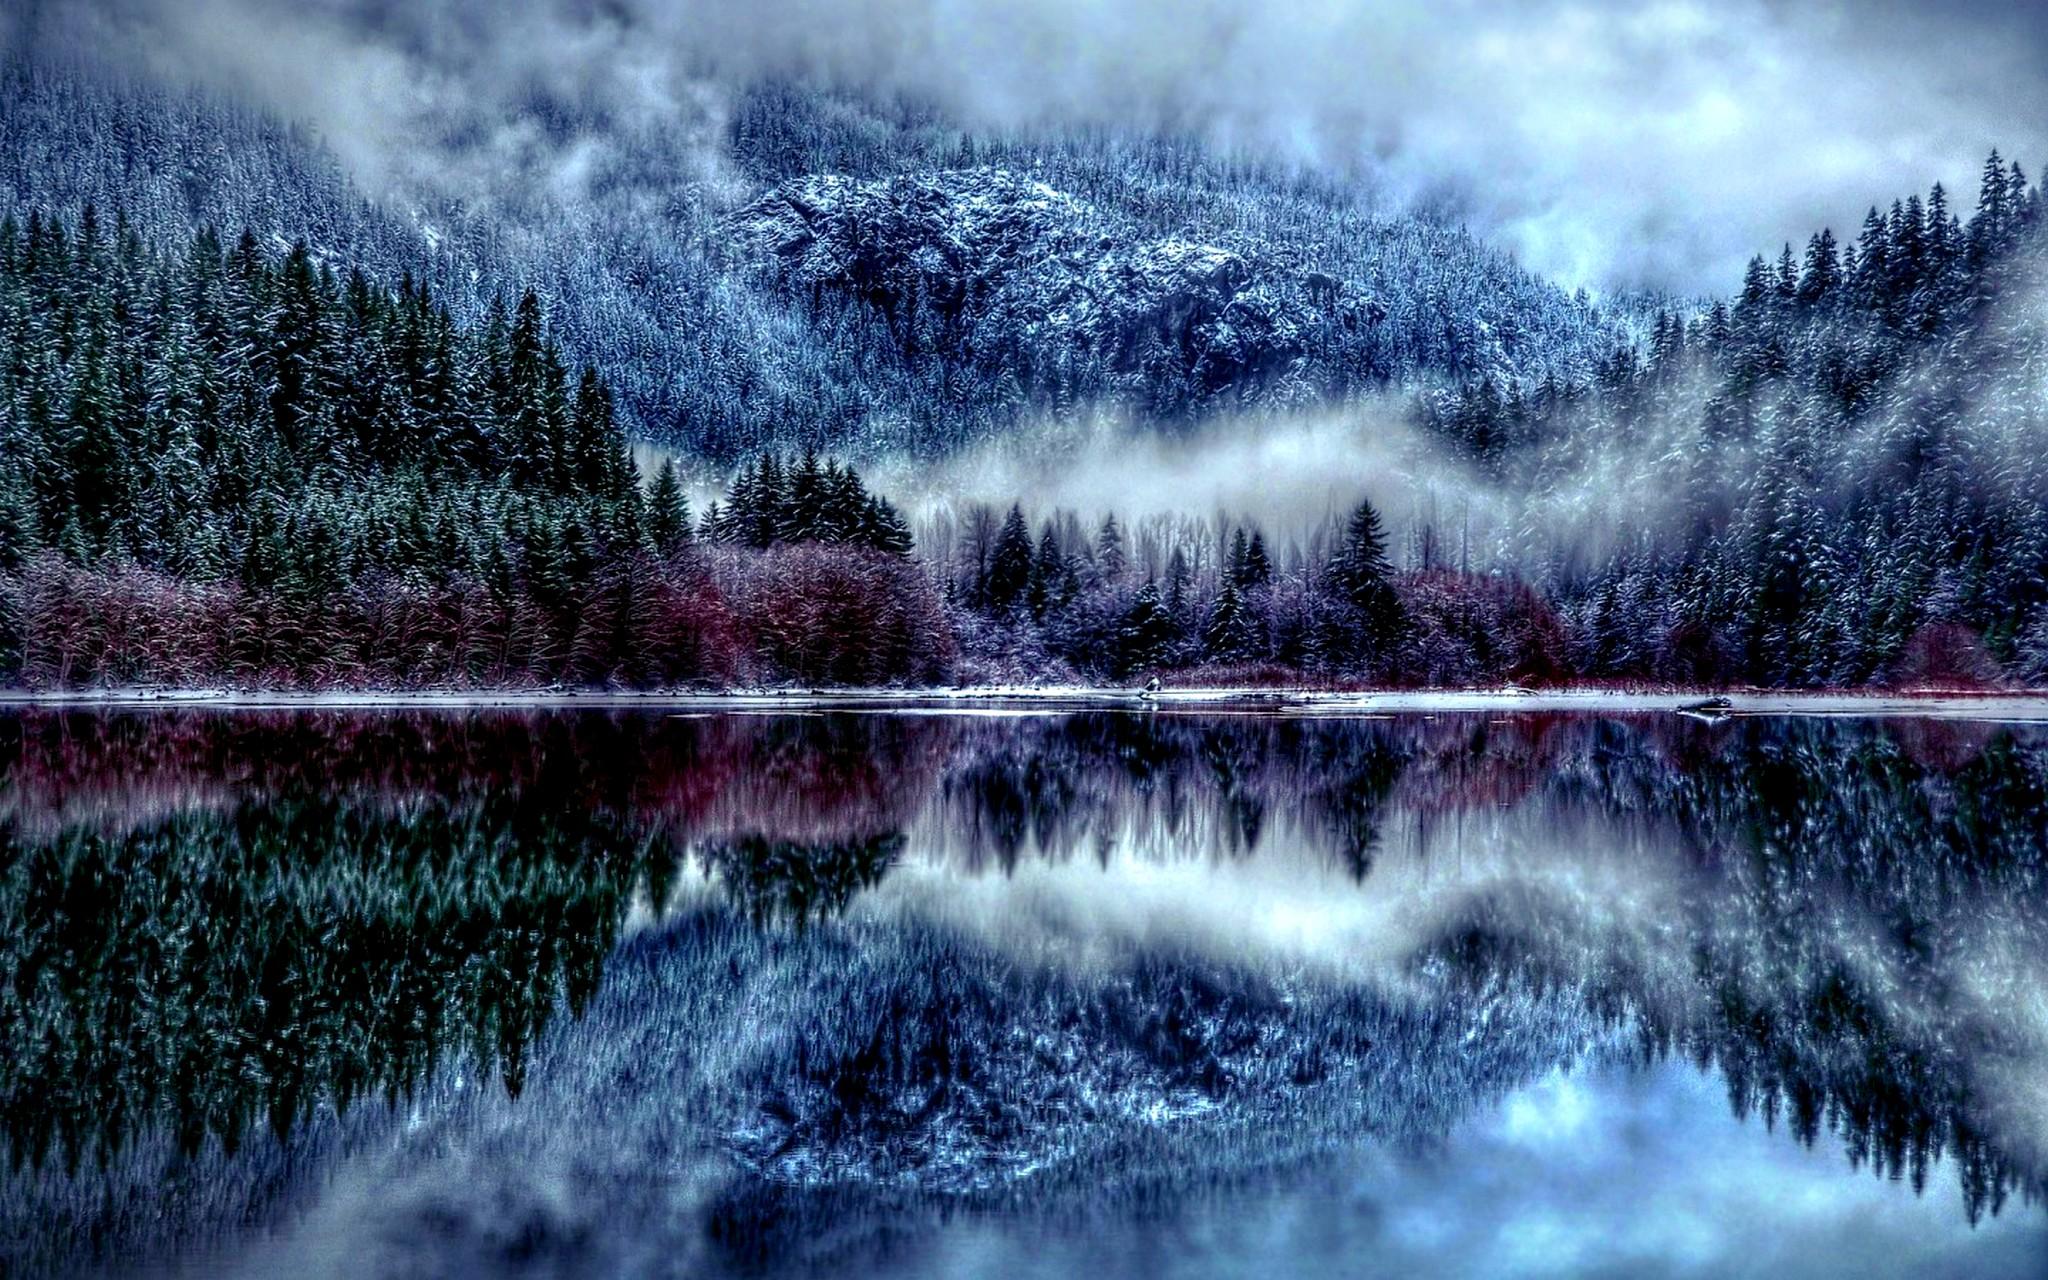 Winter Forest HD Wallpaper - Winter Season Desktop HD Wallpapers ...